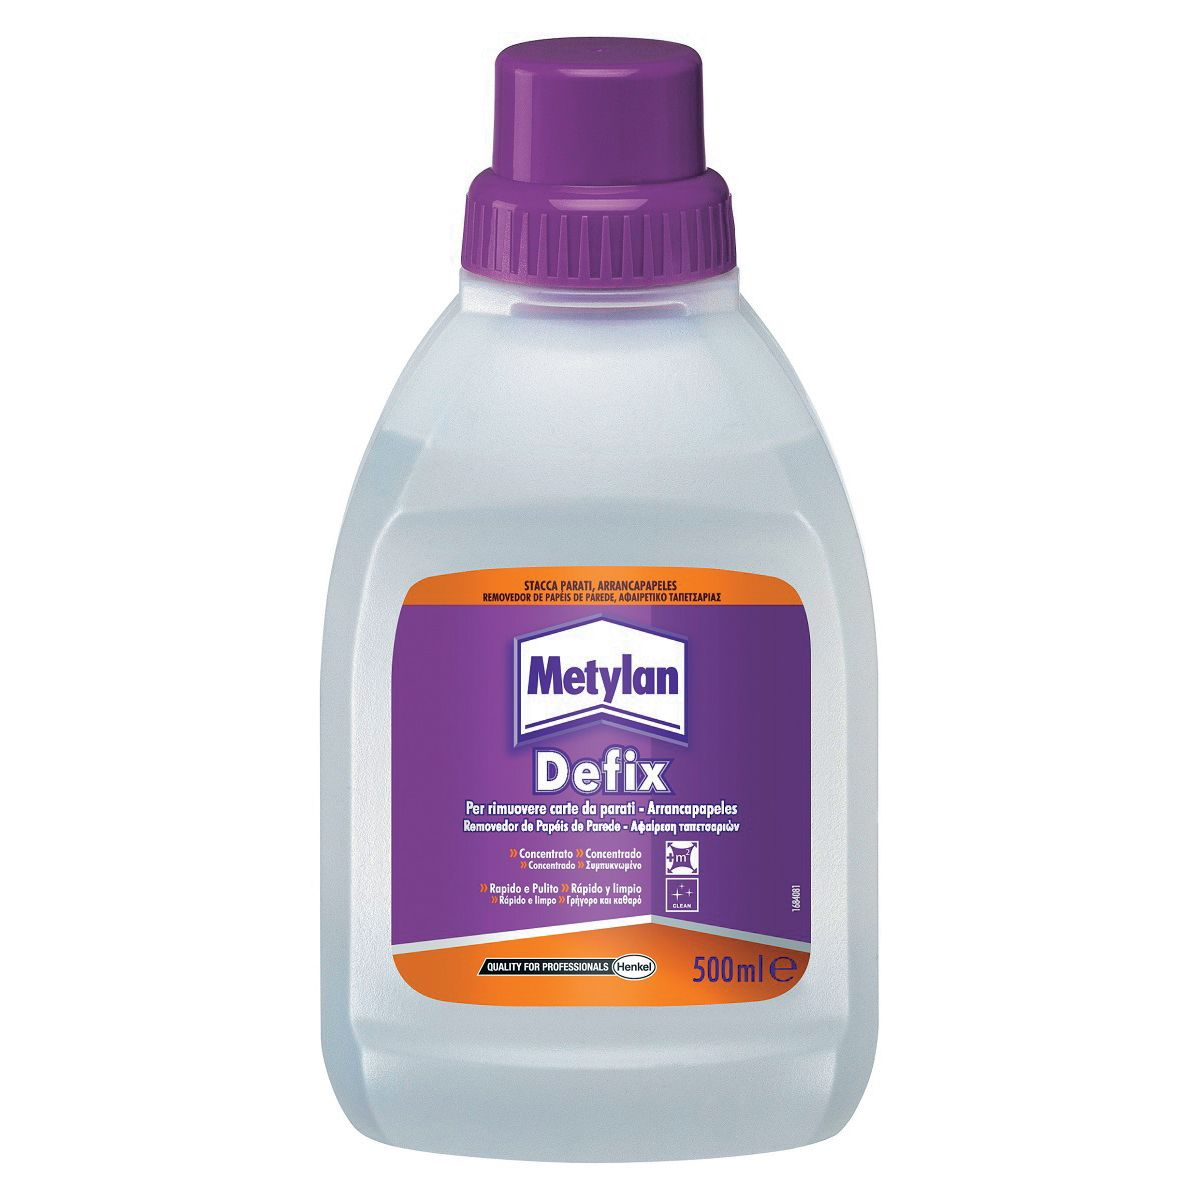 Colla spray per tessuti leroy merlin cool pavimenti e for Spray sanificante per condizionatori leroy merlin